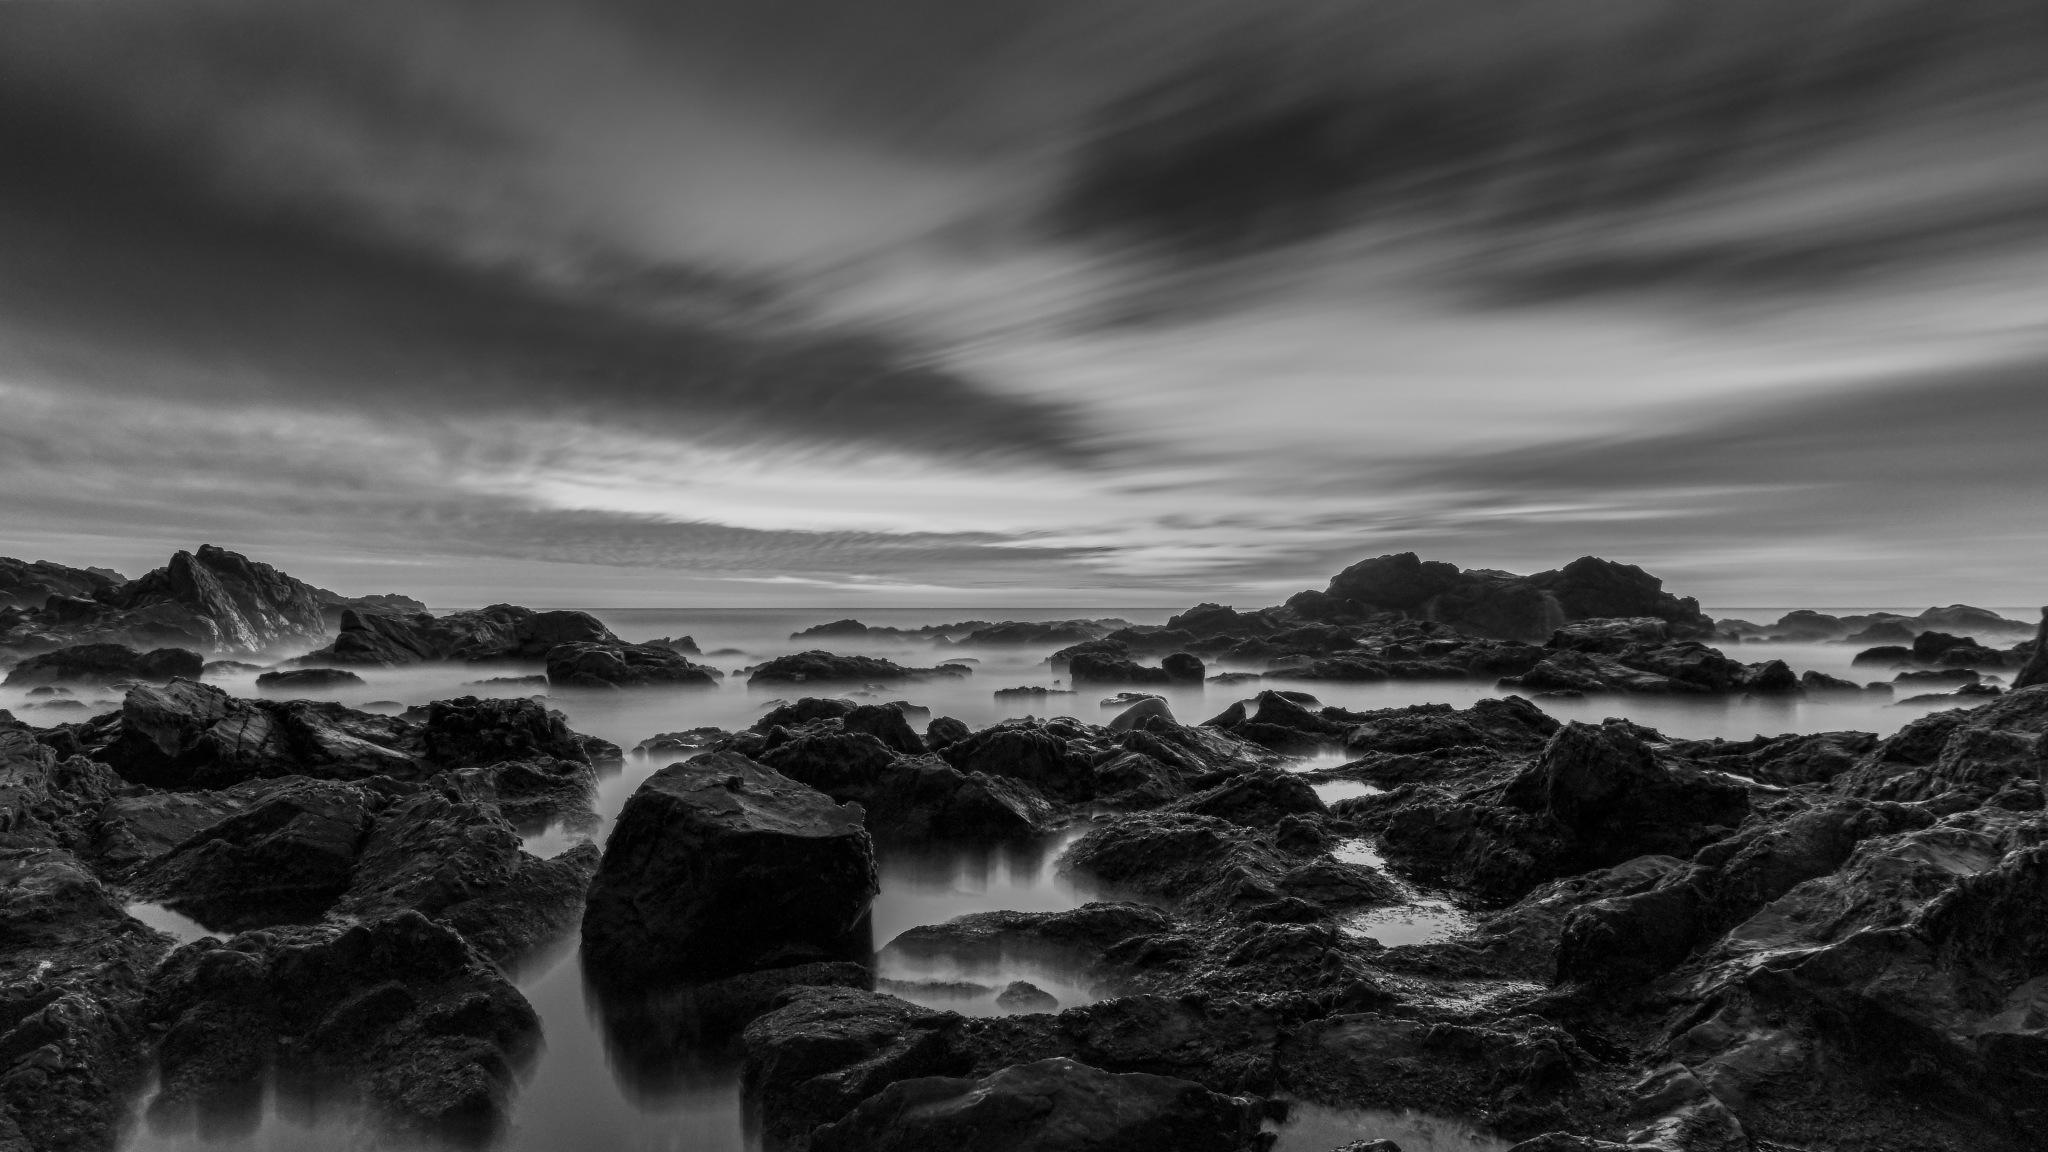 Rocas en Playa Torpederas B&N by Michel Droguett C